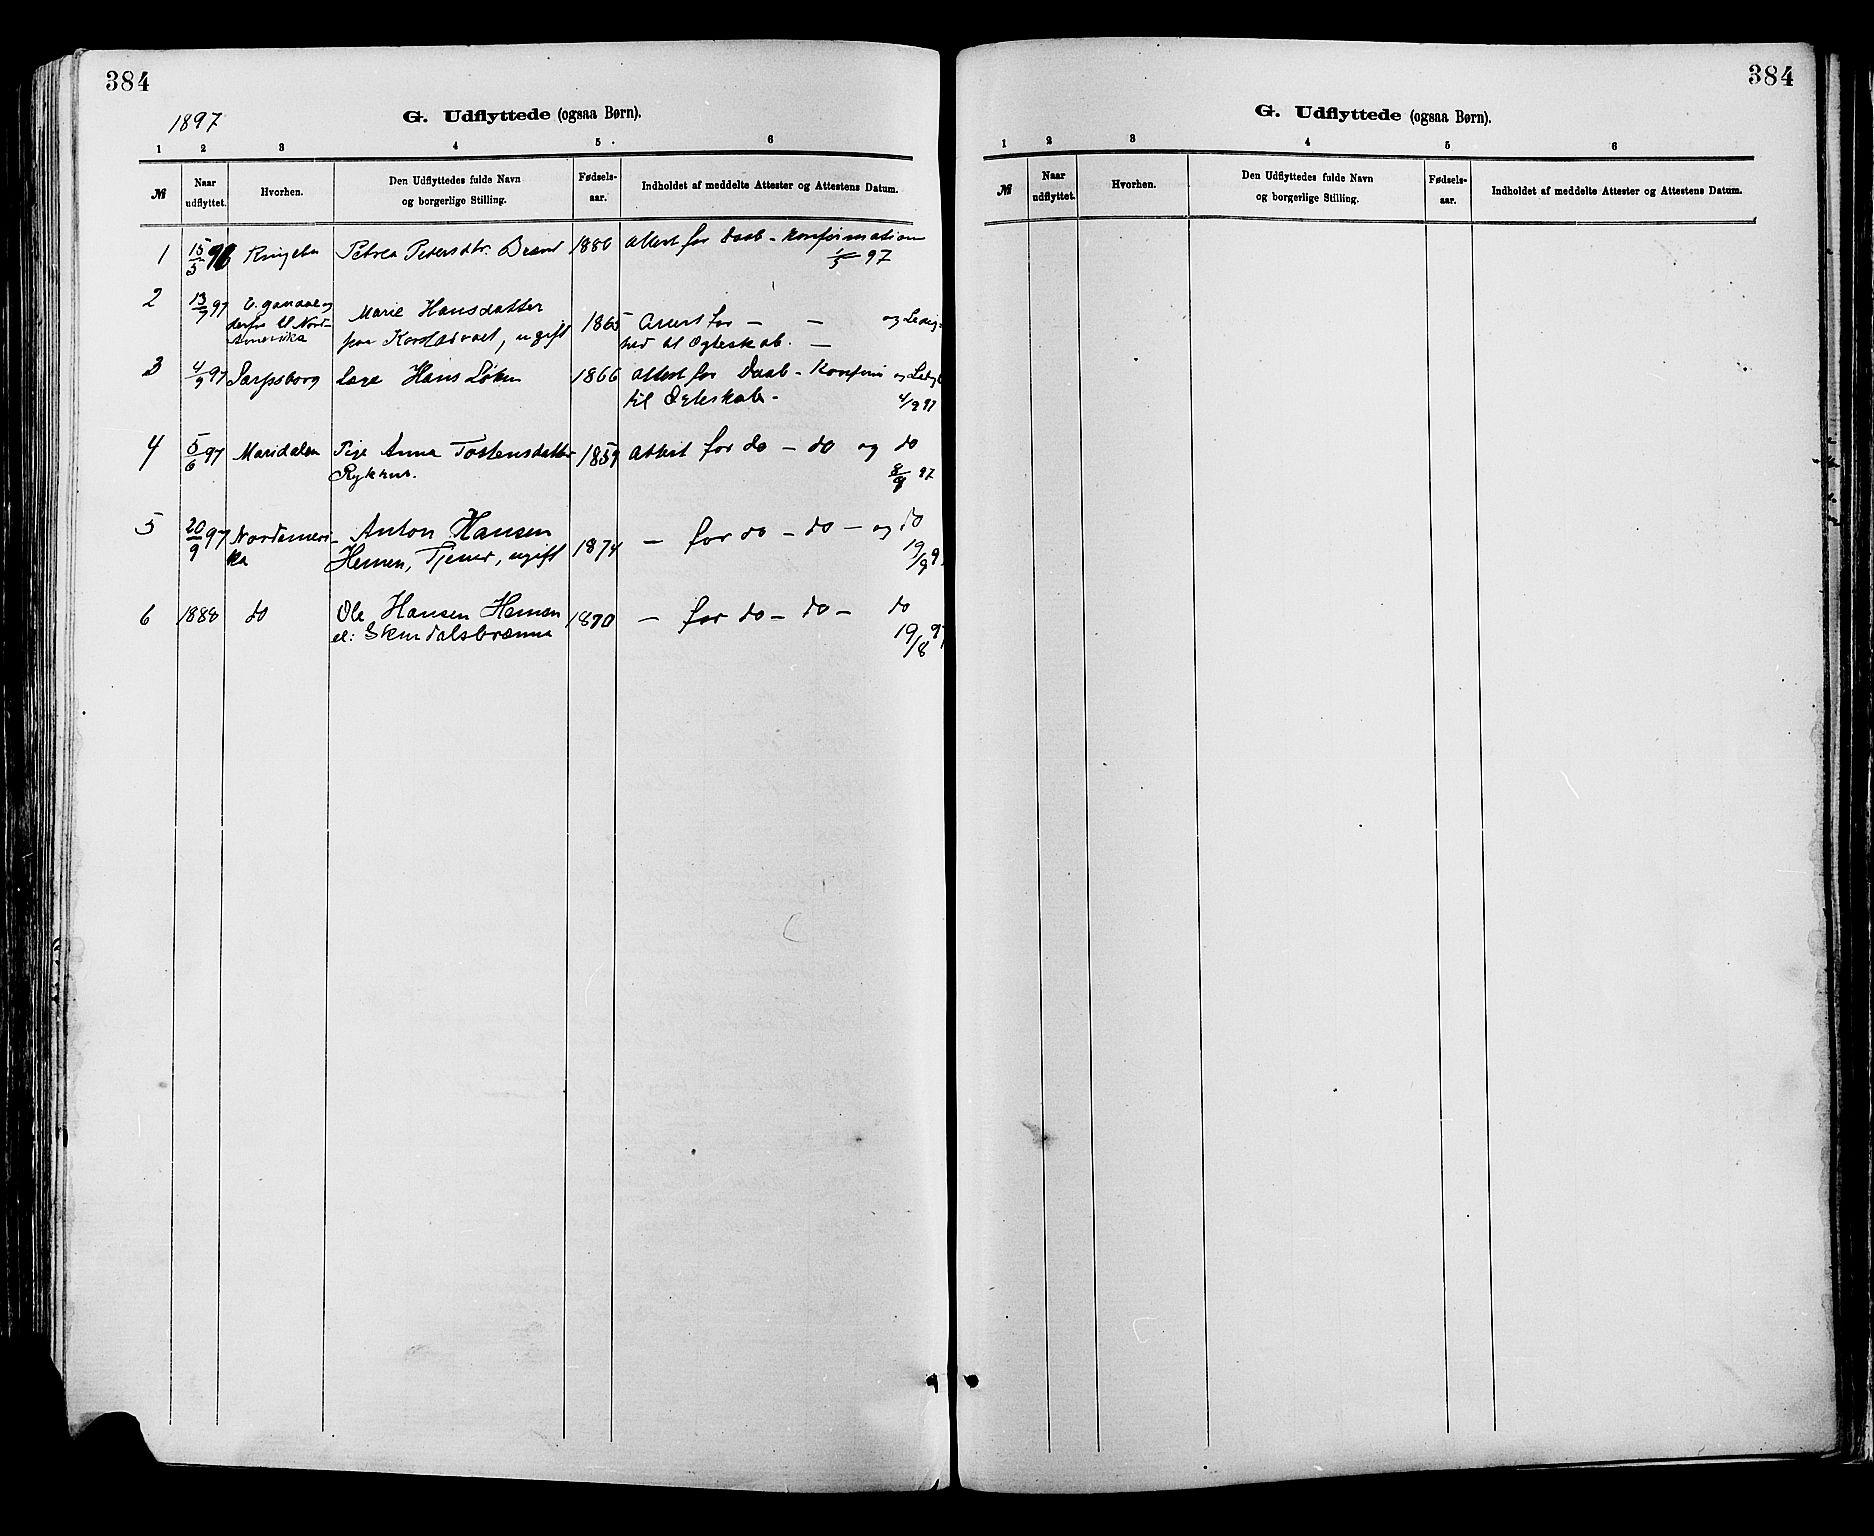 SAH, Sør-Fron prestekontor, H/Ha/Haa/L0003: Ministerialbok nr. 3, 1881-1897, s. 384